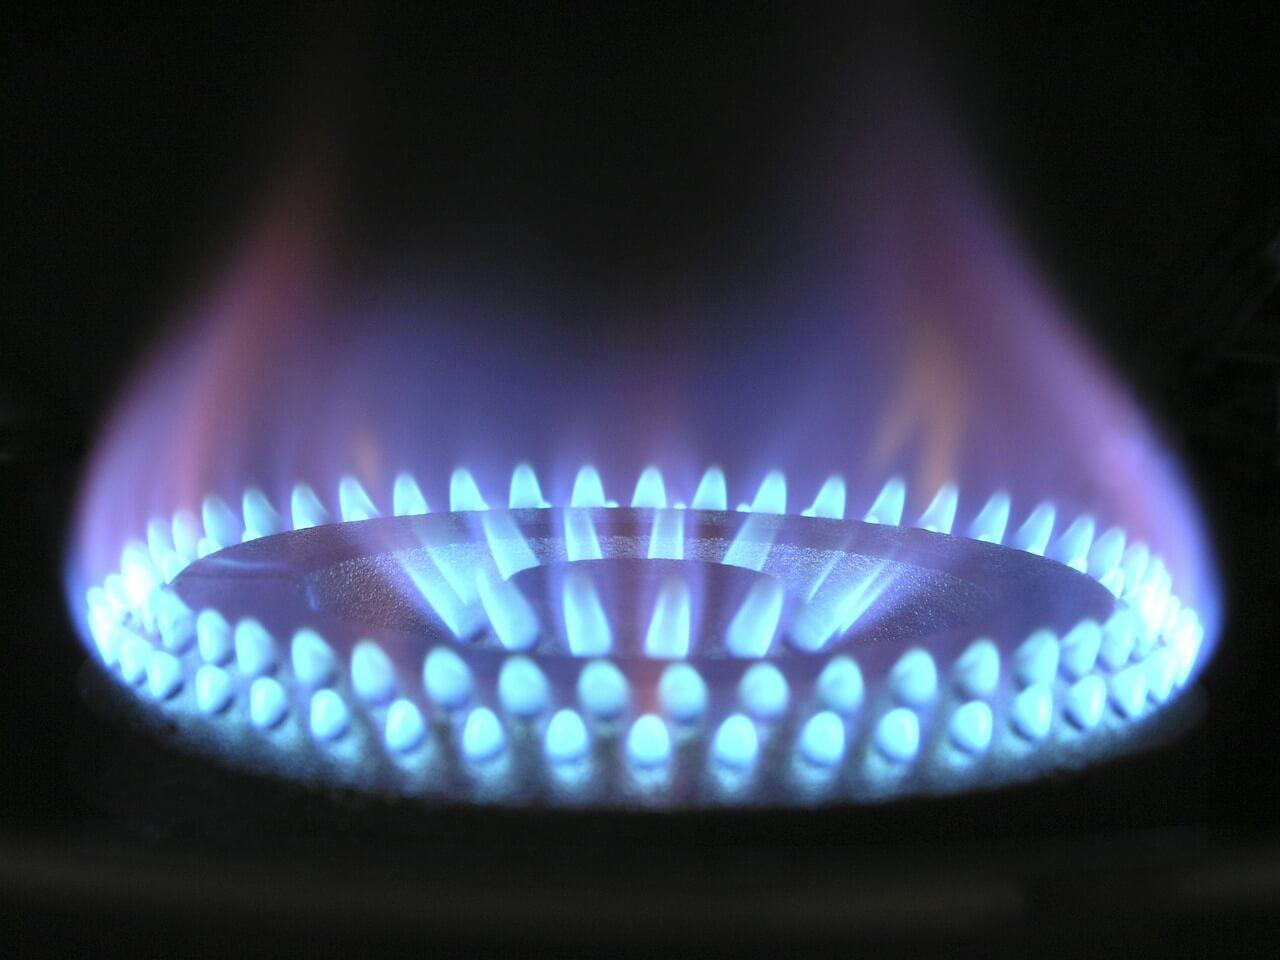 Страхование квартиры от взрыва бытового газа